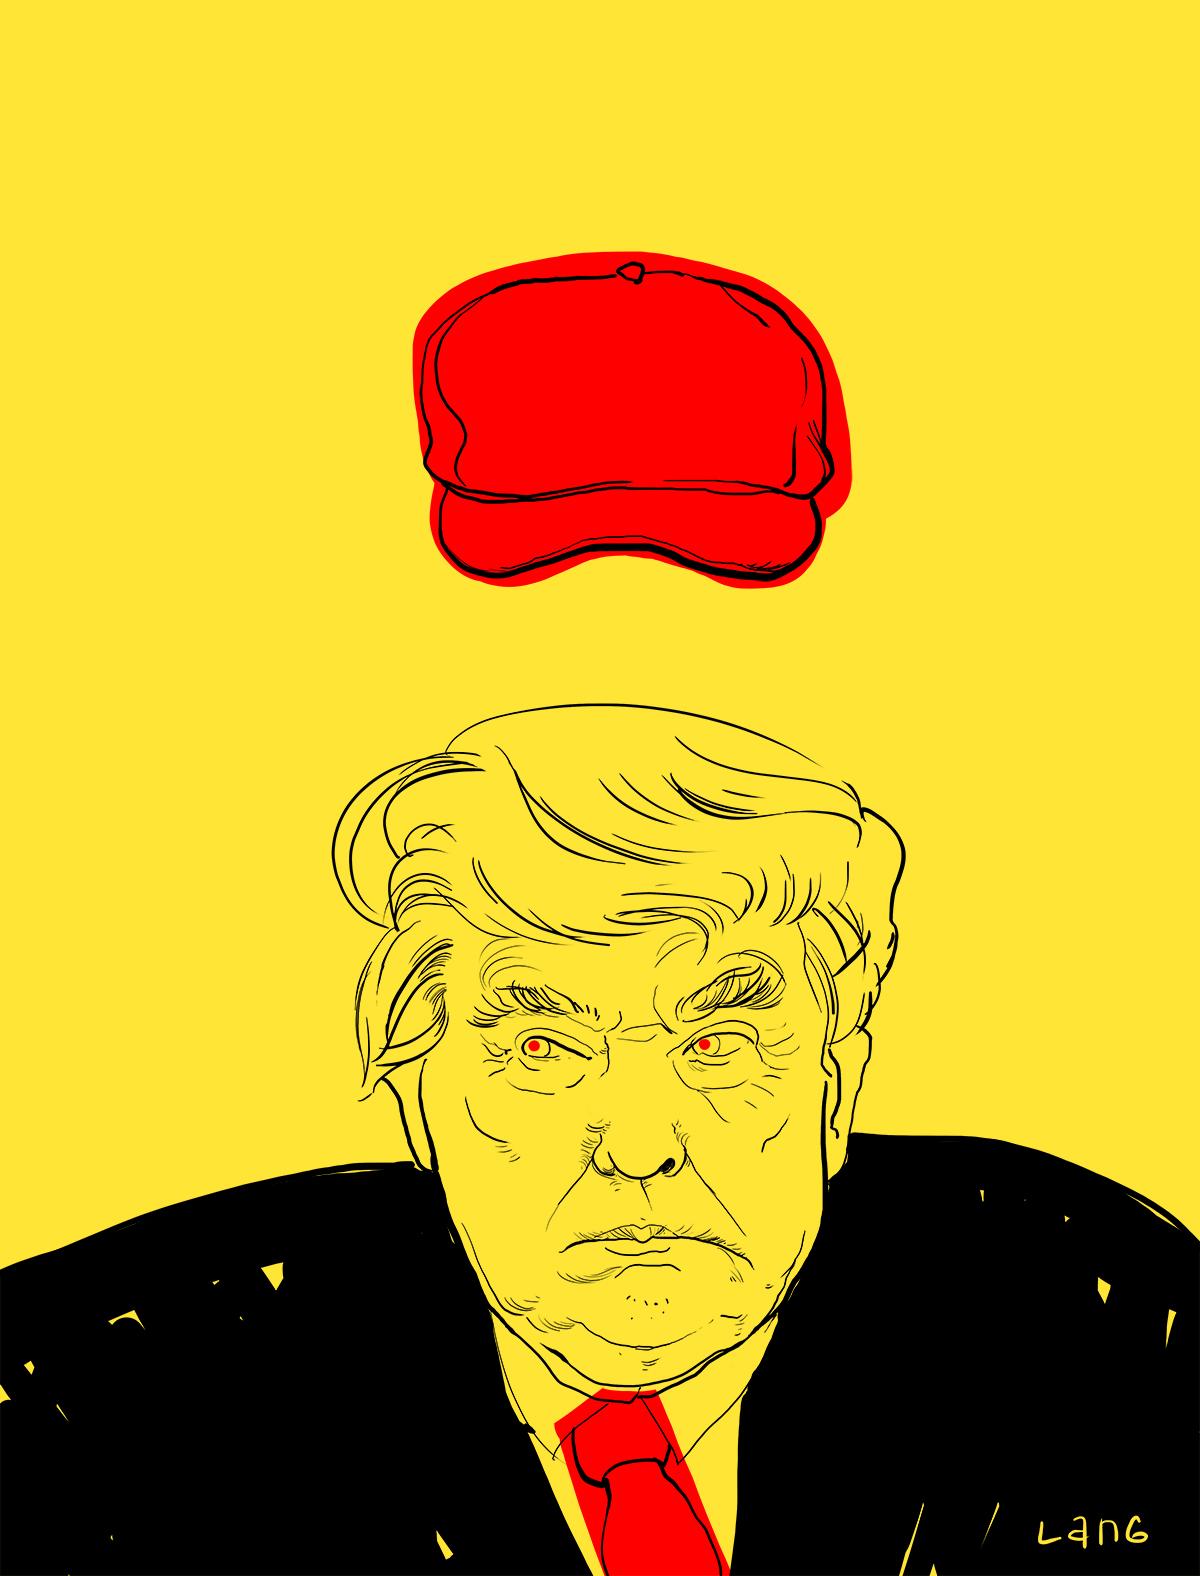 Lang_Trump-maga.jpg